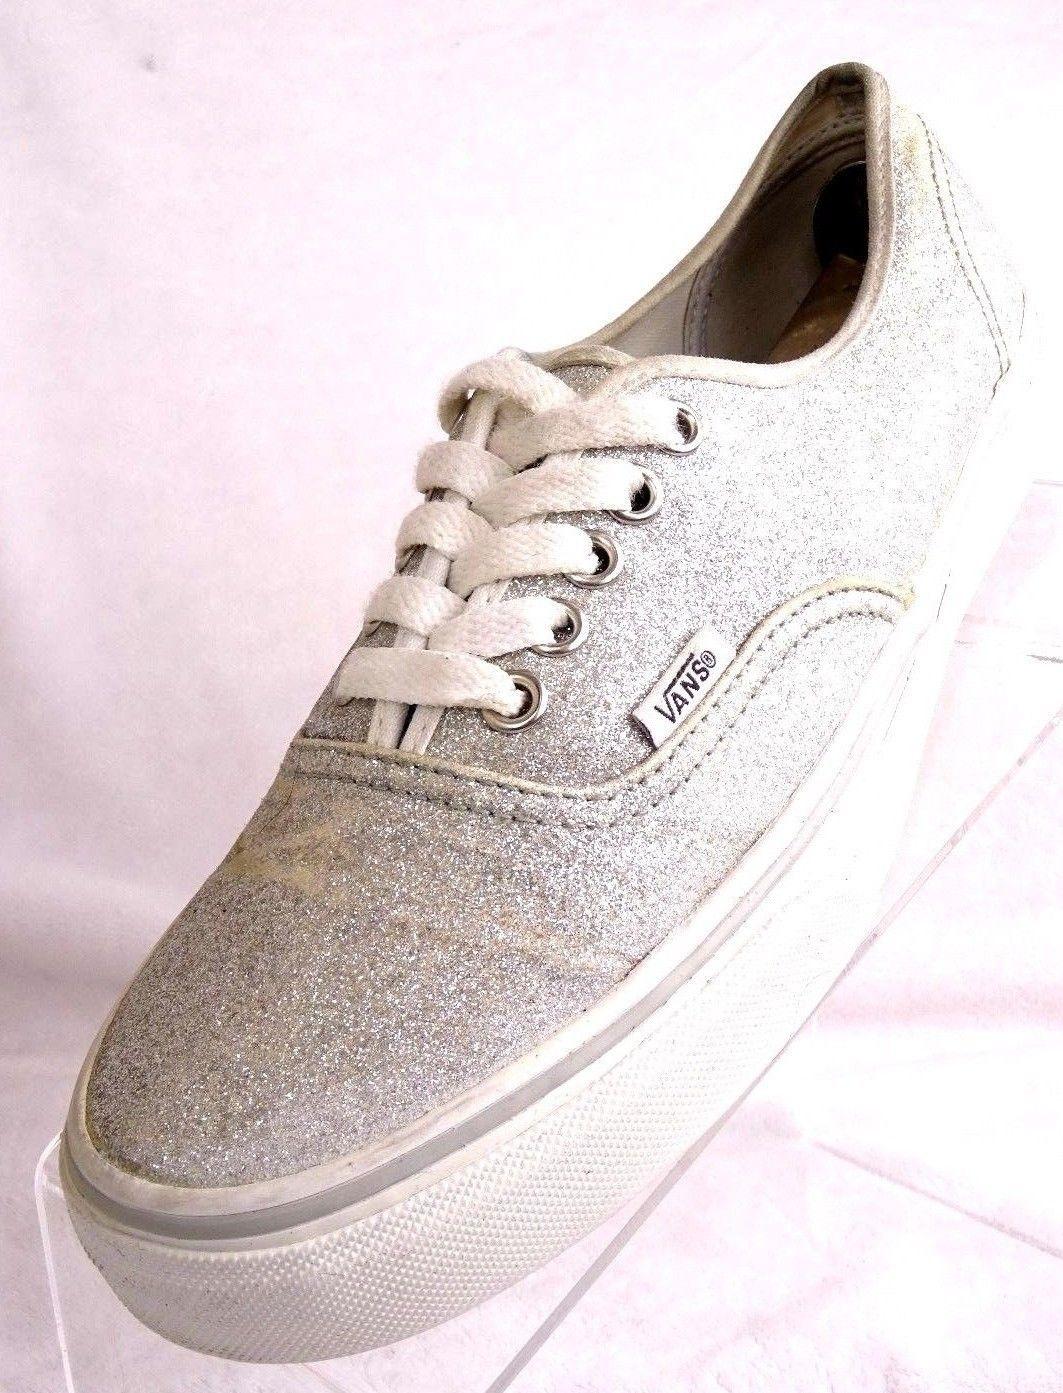 13d9ccf666f9 57. 57. Previous. VANS T375 SilverGlitter Lace Up Sneaker Sizes Men's 6.2M Women's  8 Unisex Shoes